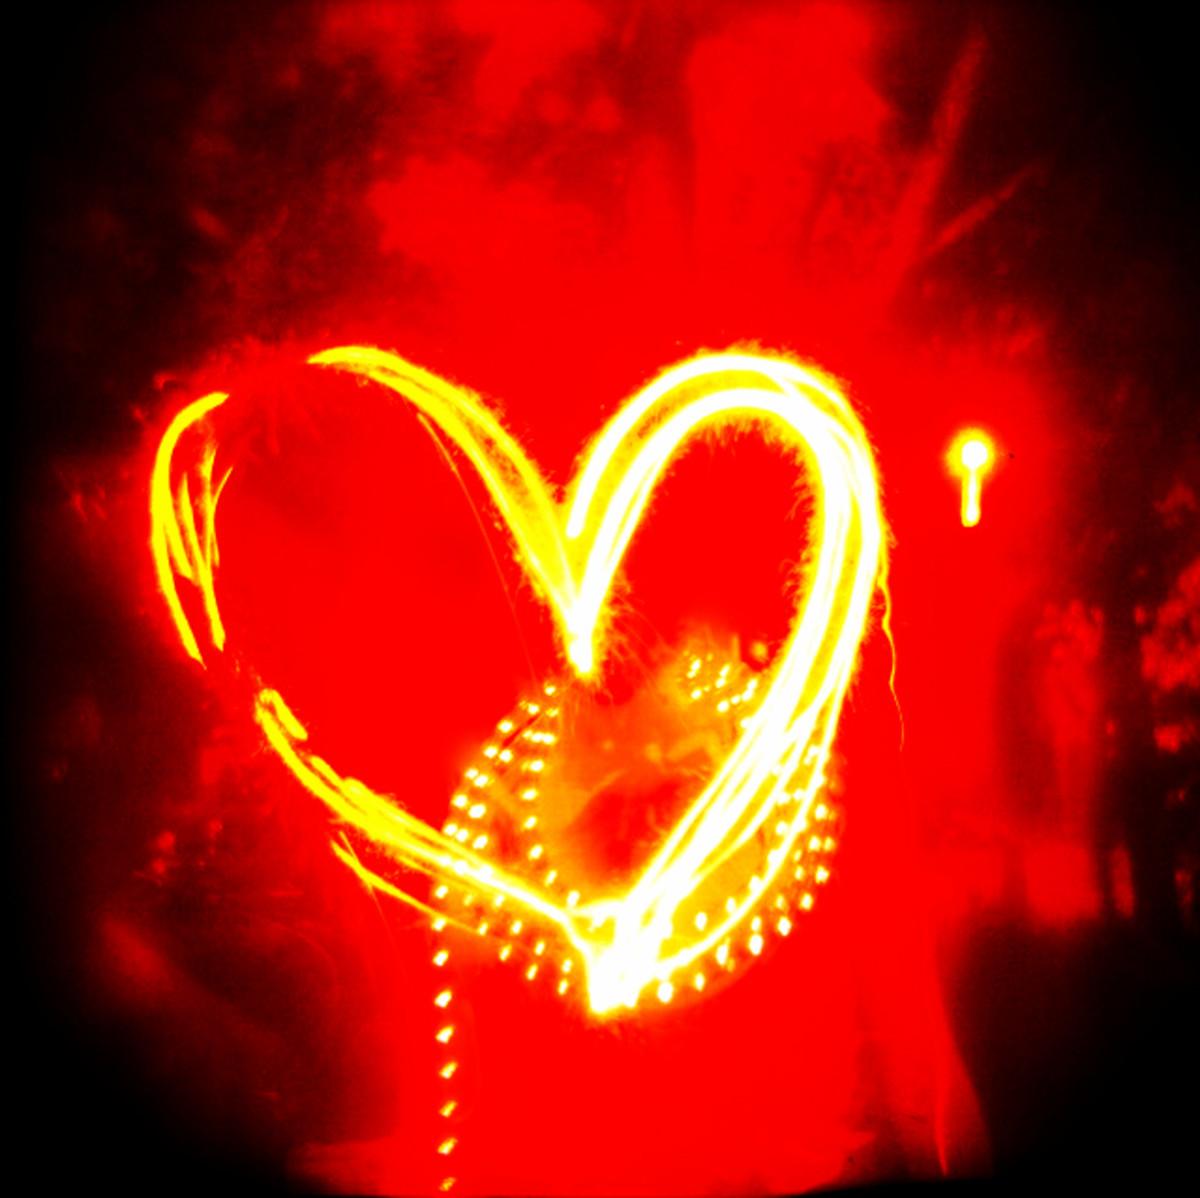 """""""Mein Herz Brennt"""" -- my heart burns, by Rammstein."""